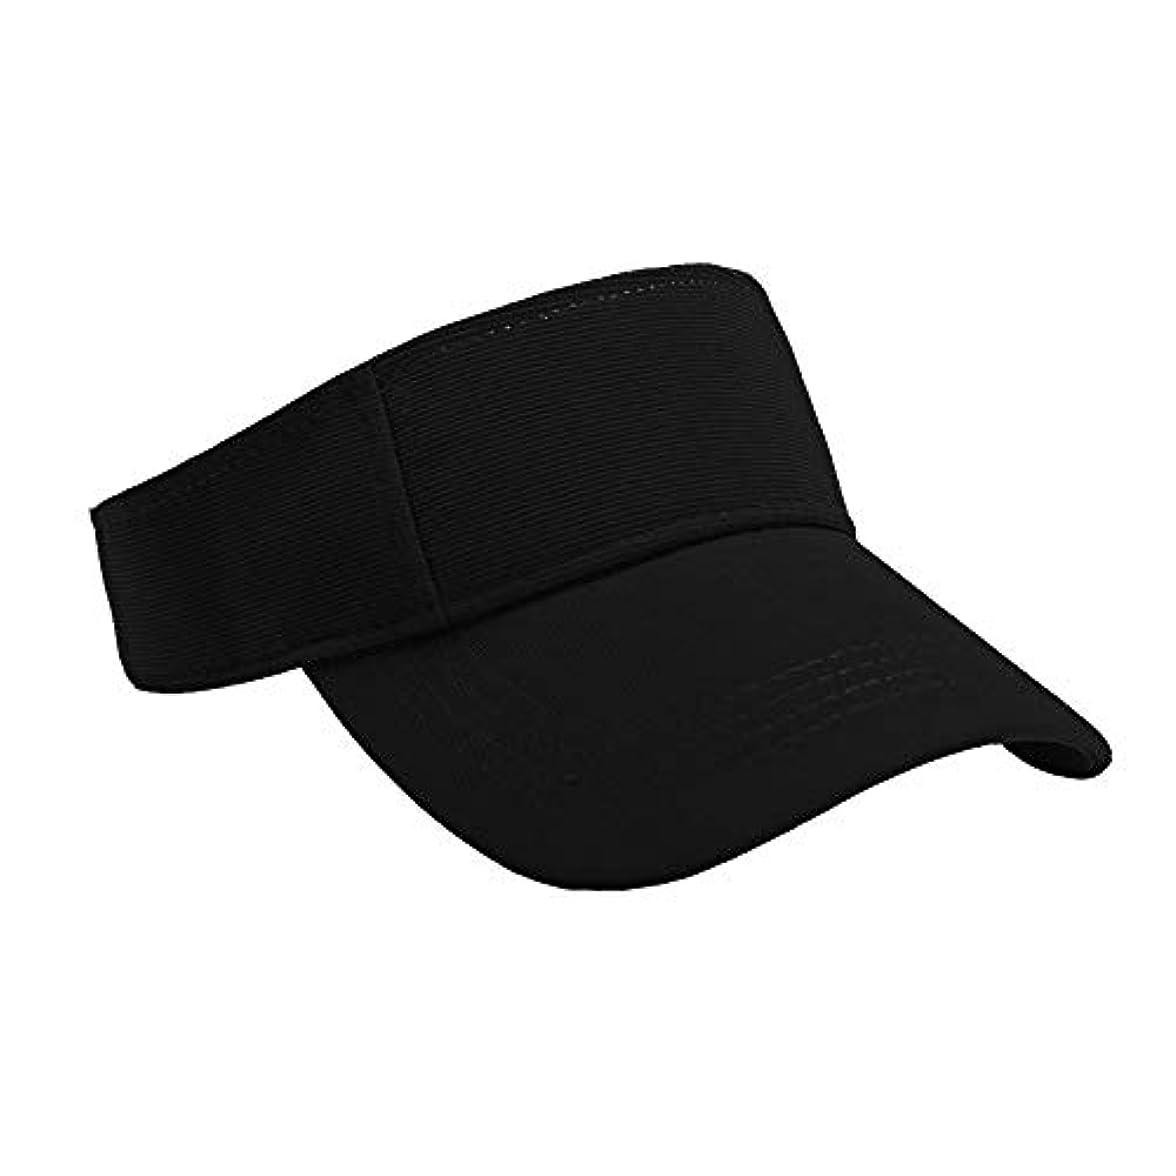 反動ビットフルーティーMerssavo ユニセックスサマースポーツキャップ、サン帽子レディーステニスゴルフバイザーメッシュ野球帽、調節可能な屋外オープントップヘッドトラベルハイキング帽子、黒